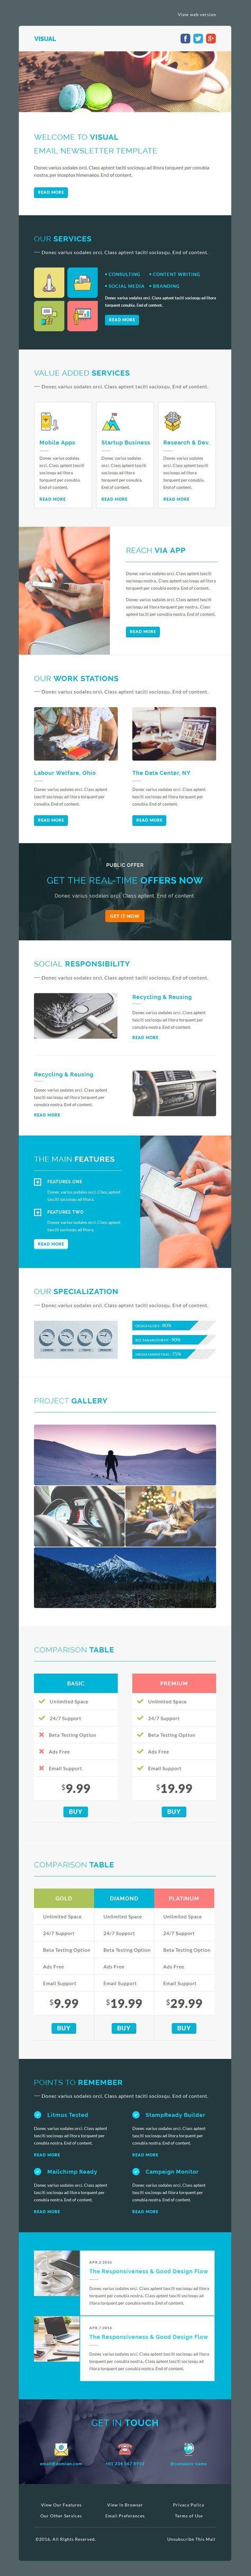 Visual - Multipurpose Responsive Email Template